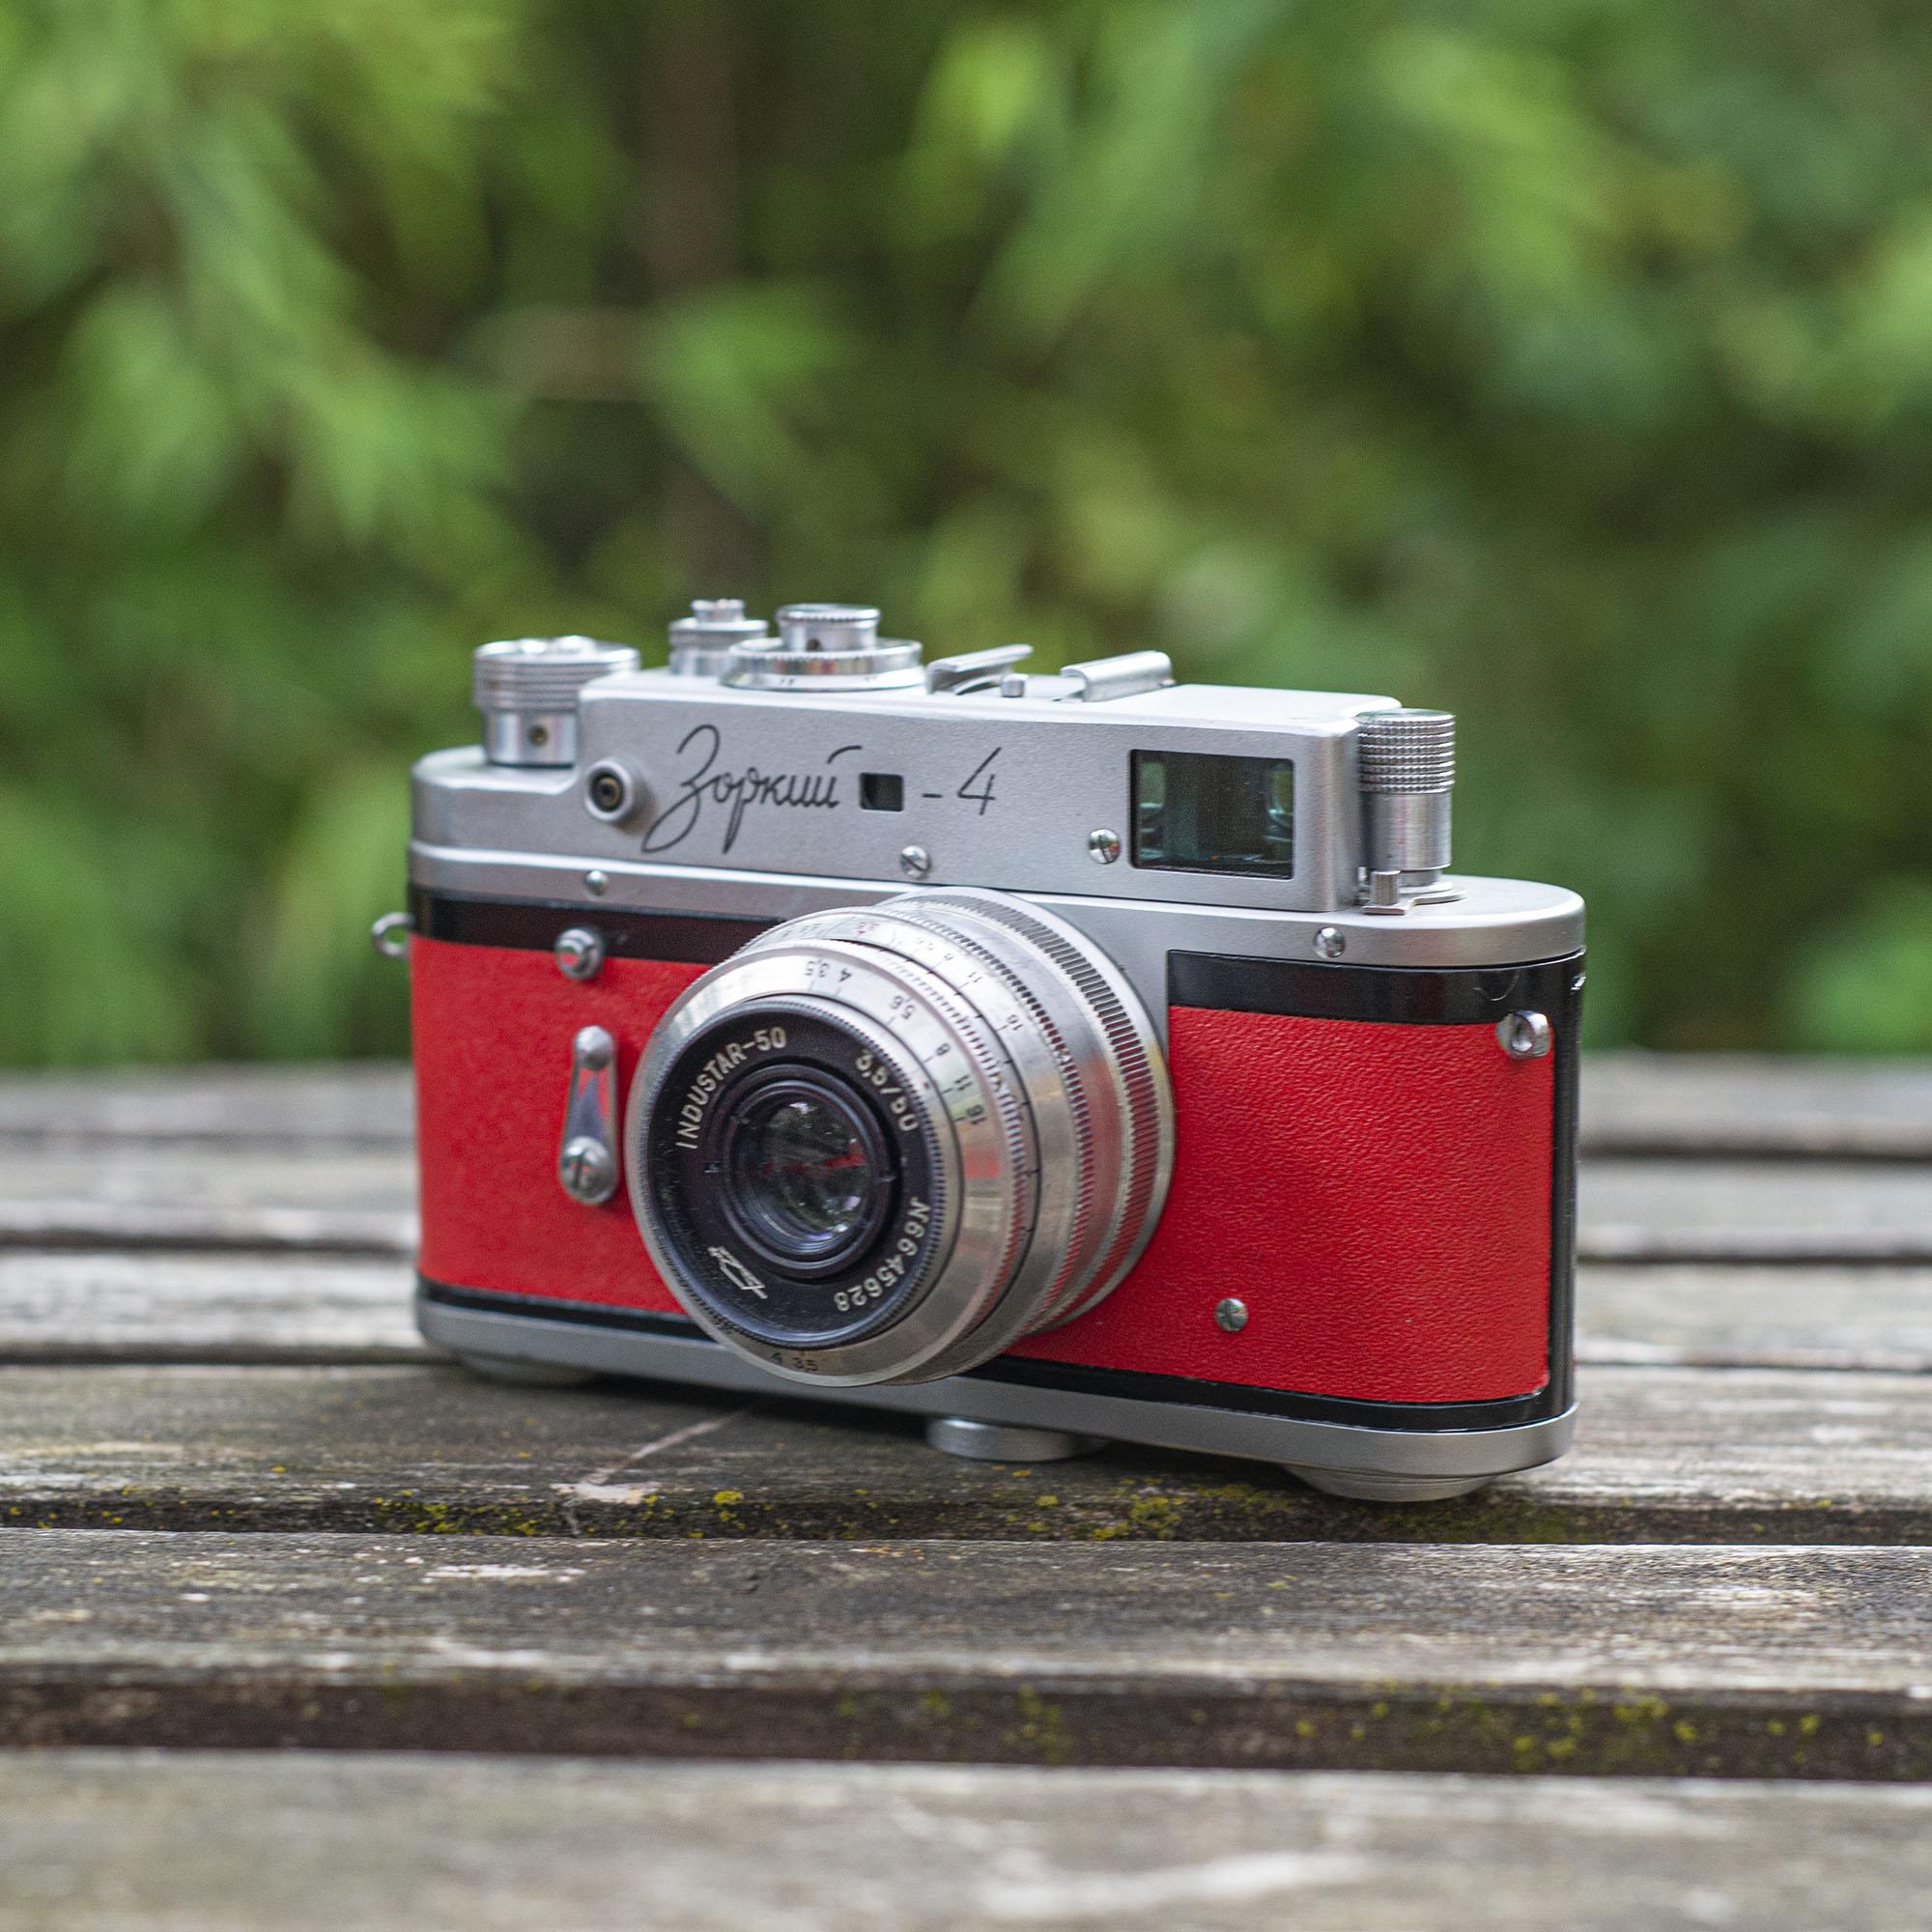 Zorki 4 camera - left side